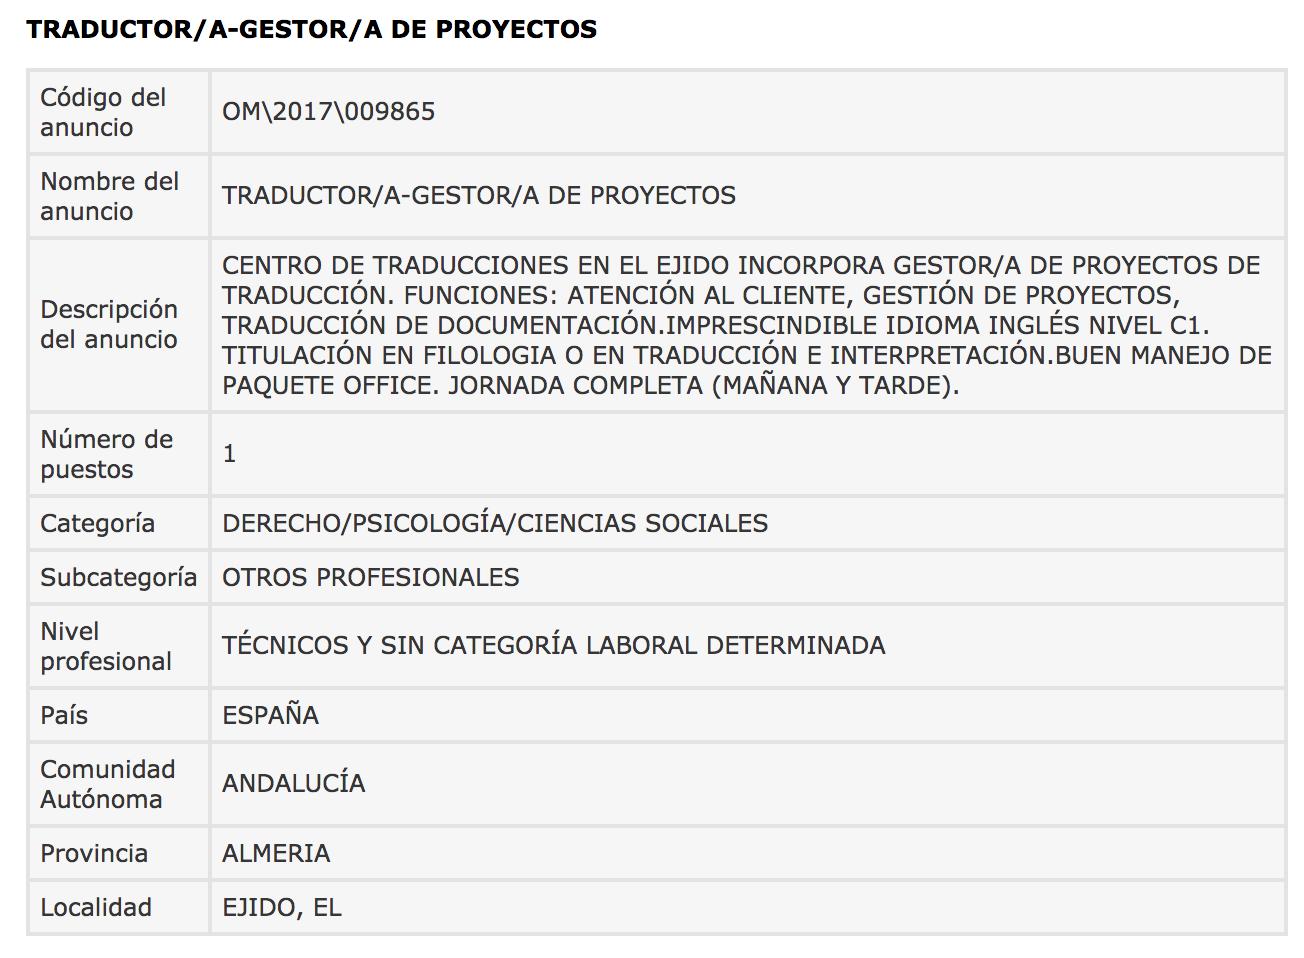 Ofertas de Empleo en España: Traductor/a Gestor/a de ... - photo#18